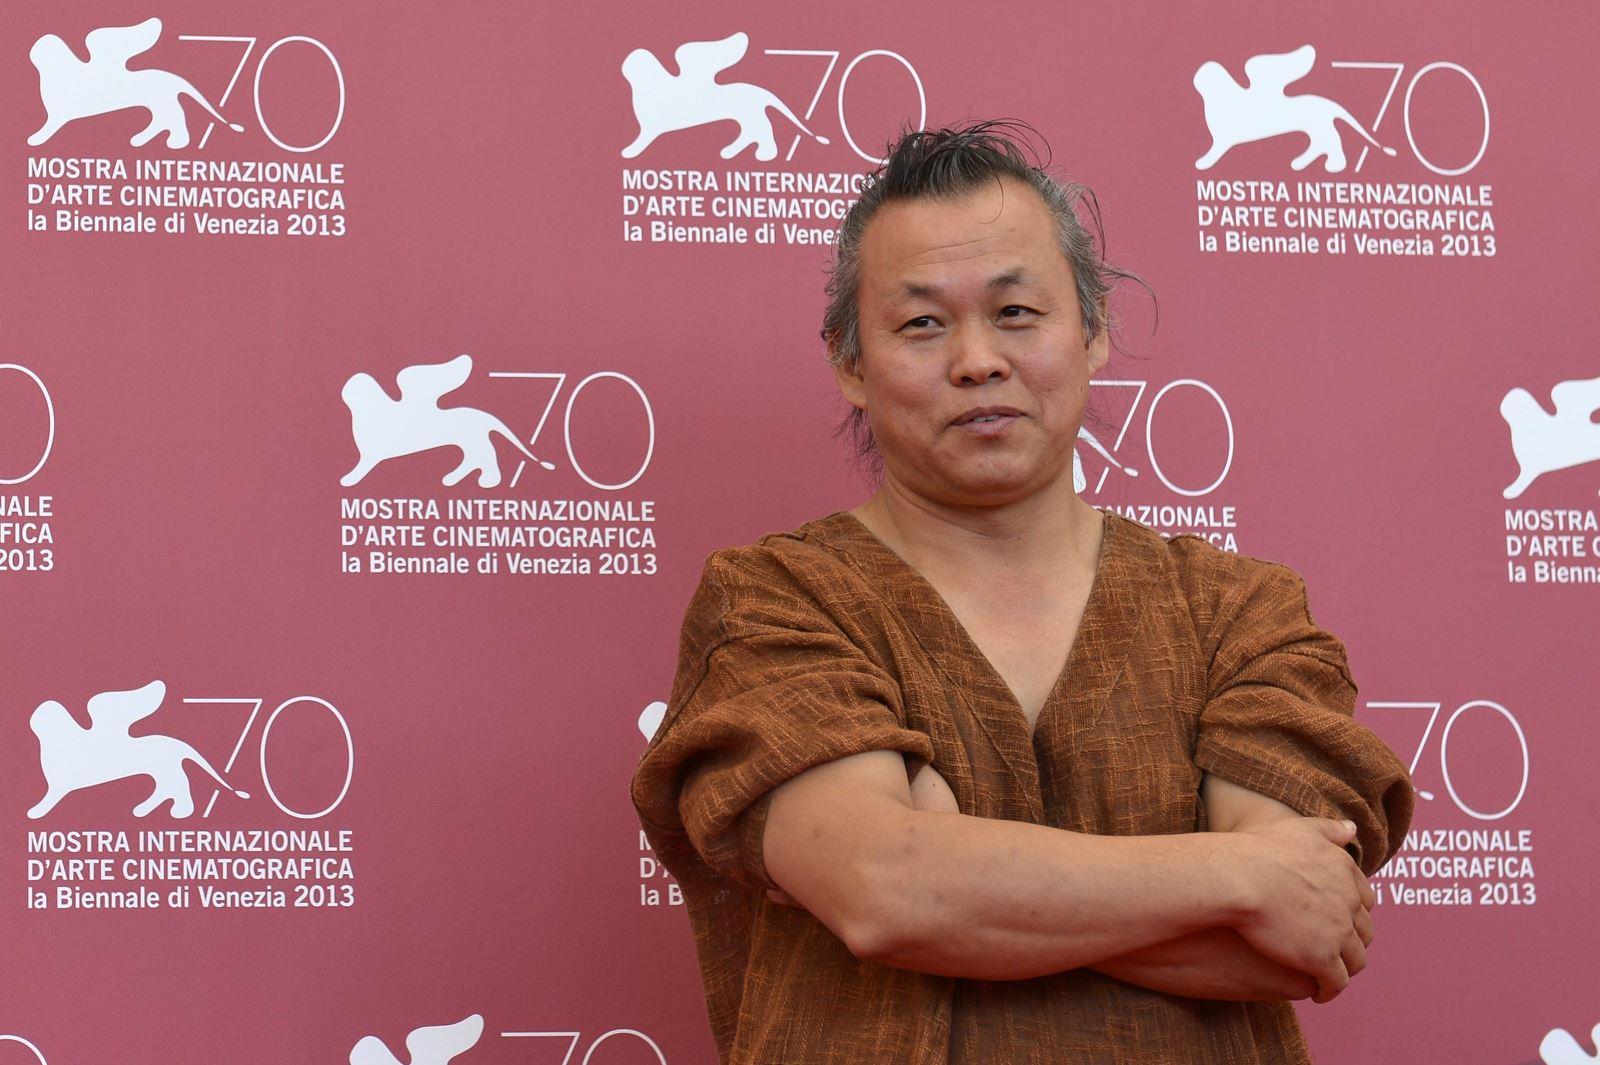 Kim Ki Duk, Đạo diễn, Hàn Quốc, Covid-19, tử vong, qua đời, mất